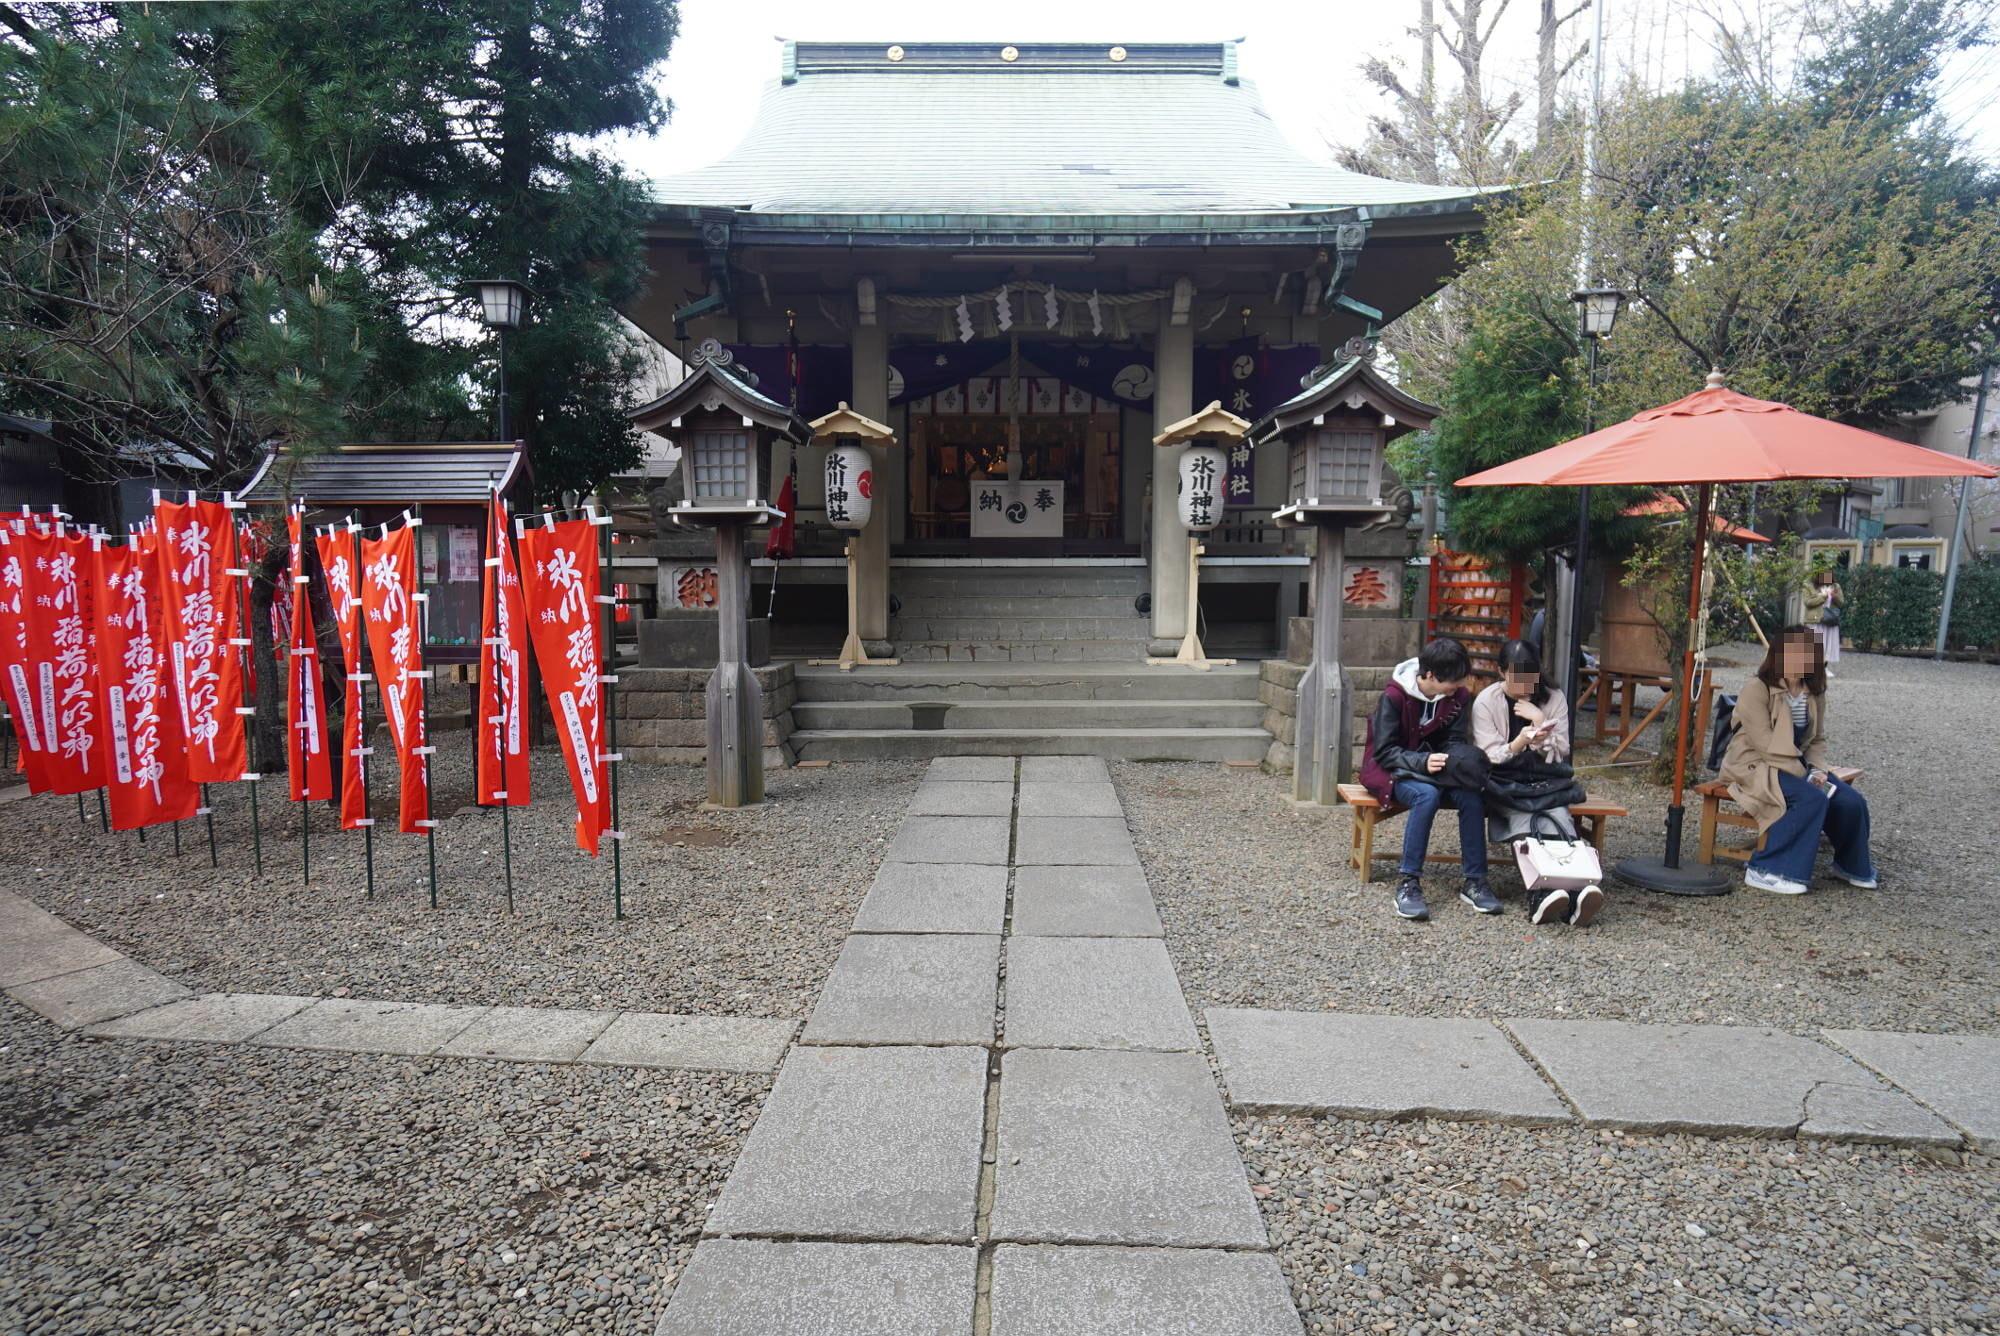 上目黒氷川神社 社殿前